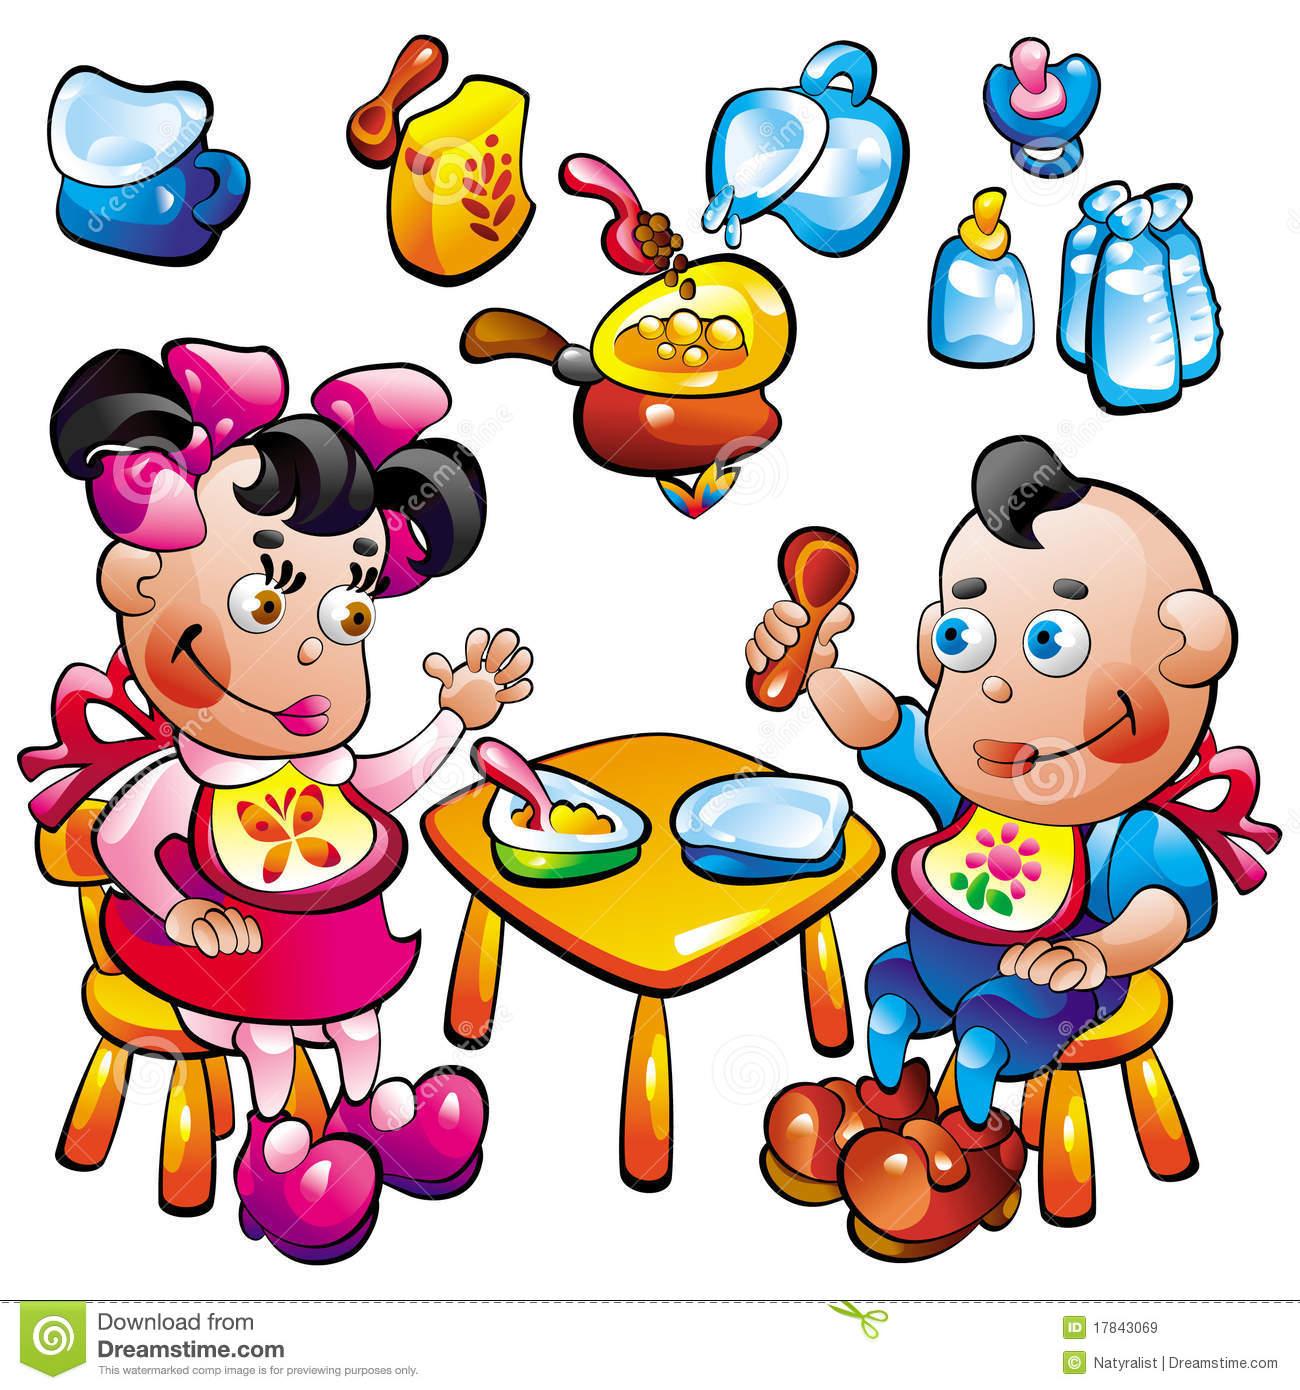 Popolare I bambini e l'alimentazione IN09